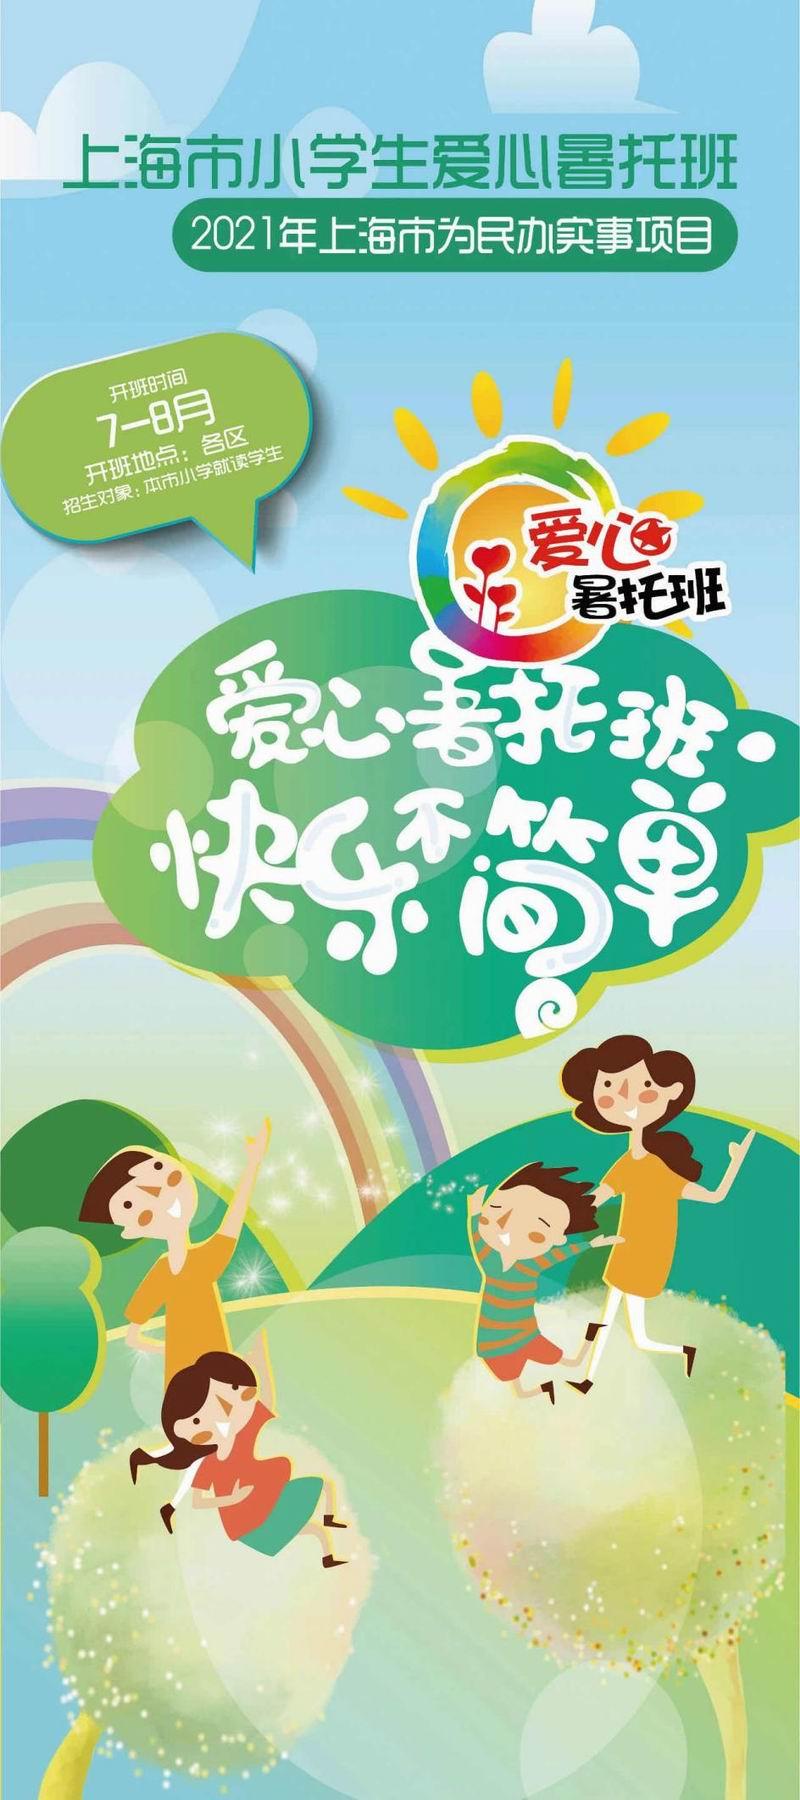 全市总计543个办班点,本年上海的爱心暑托班又要来啦!